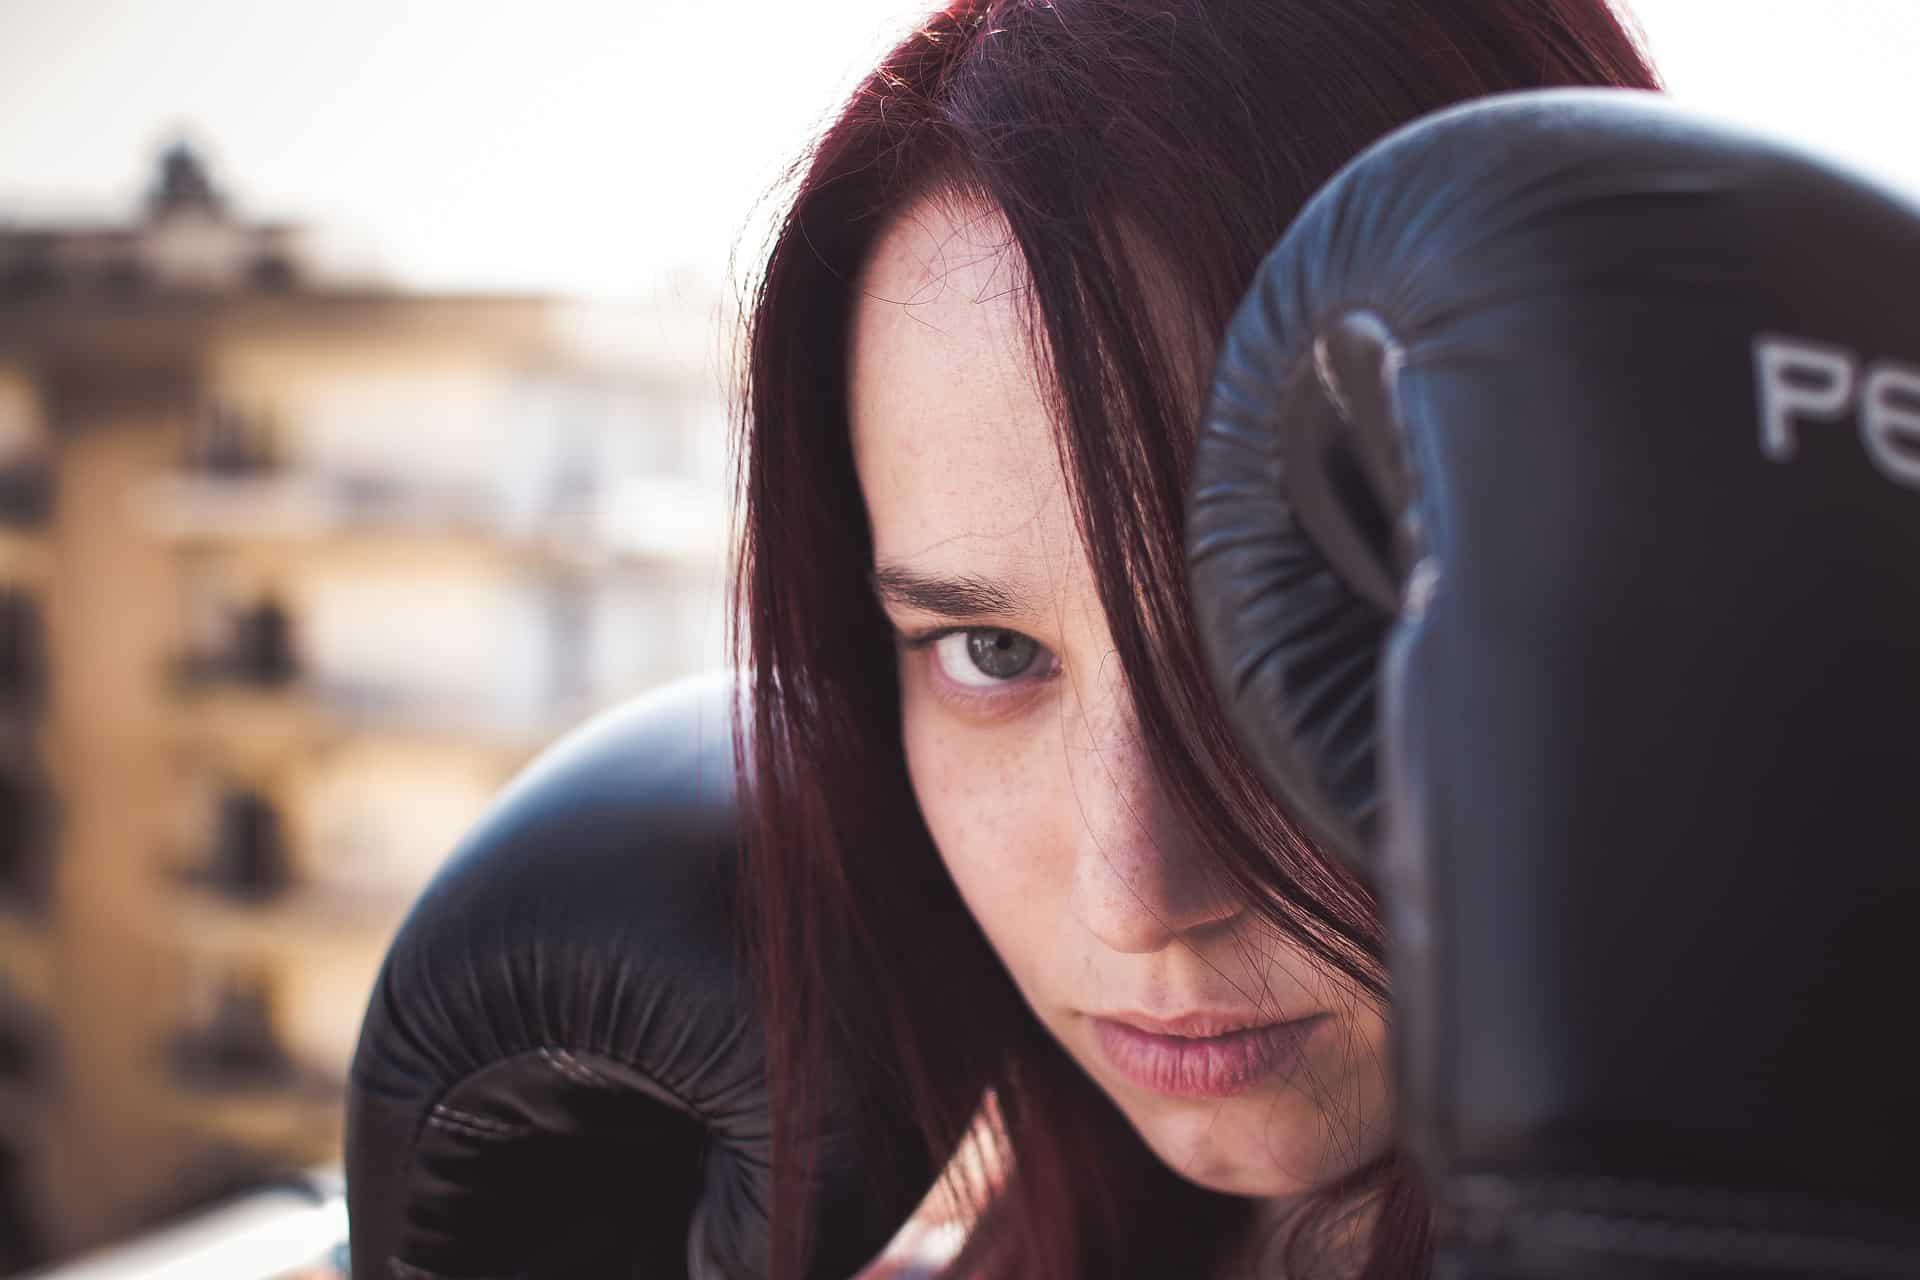 Imagem mostra mulher com luva de boxe preta cobrindo seu olho esquerdo.